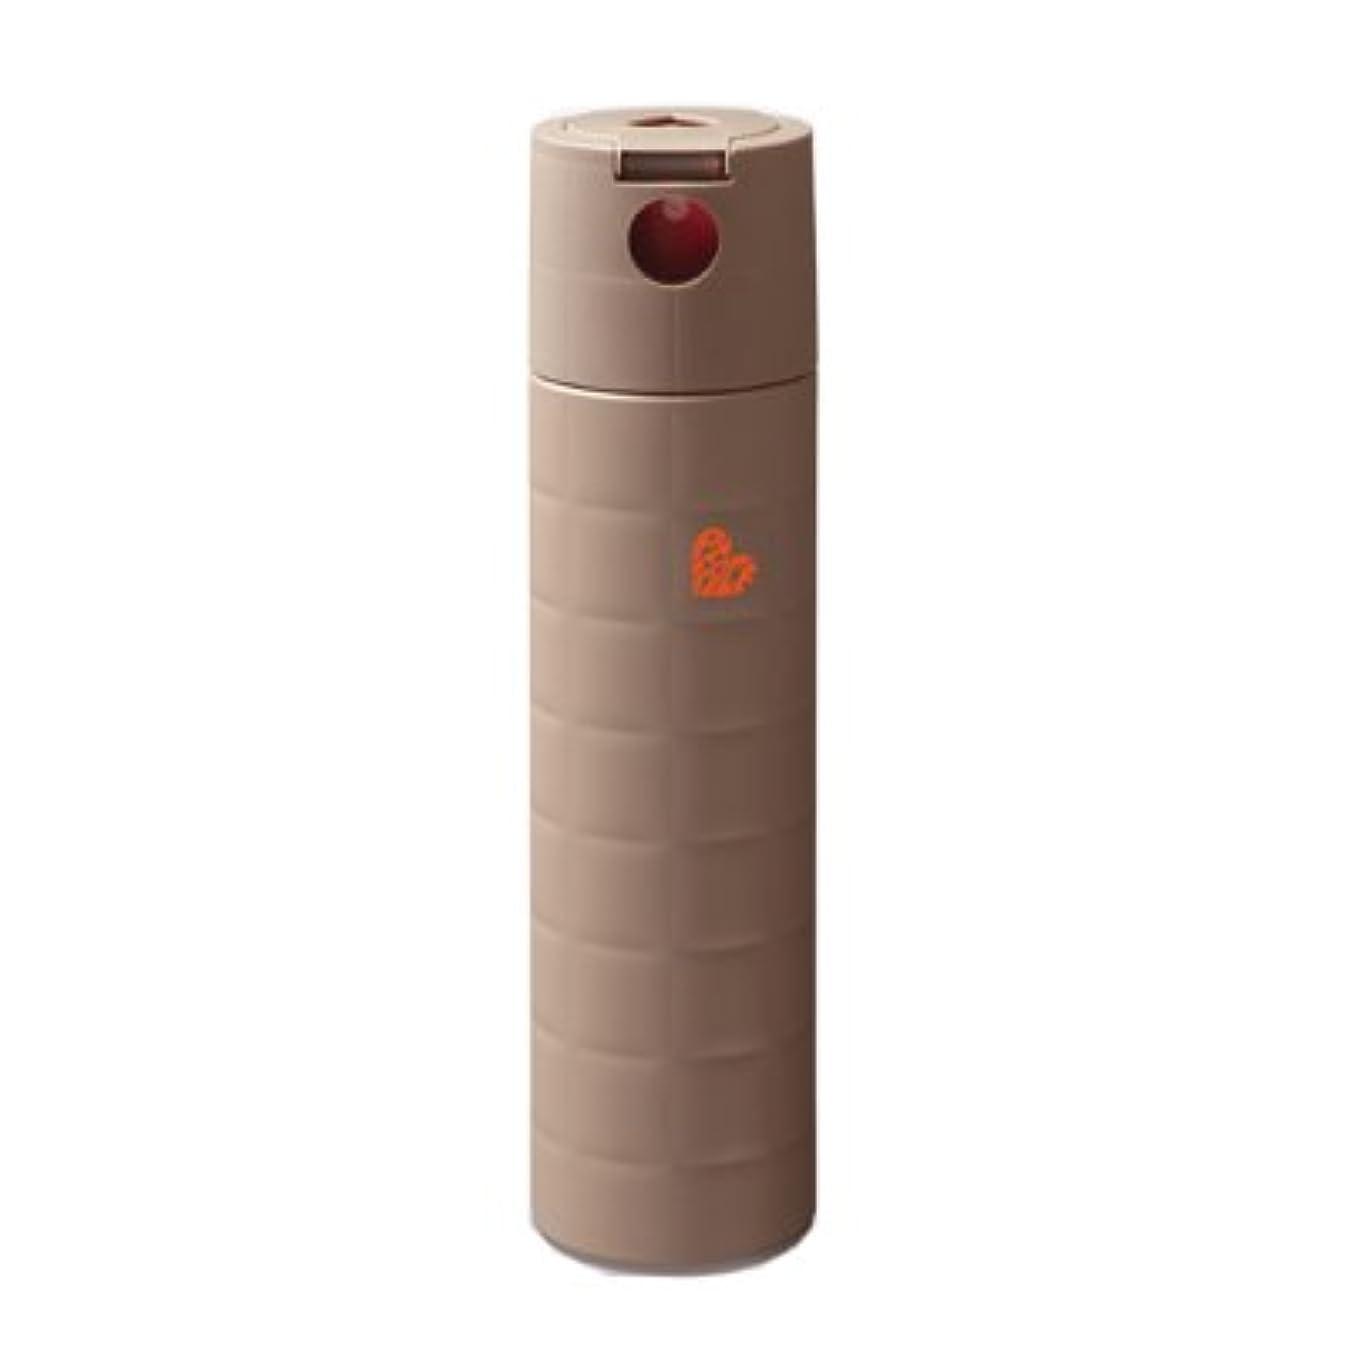 血飢饉ジャングルアリミノ ピース ワックスspray カフェオレ 143g(200ml) スプレーライン ARIMINO PEACE